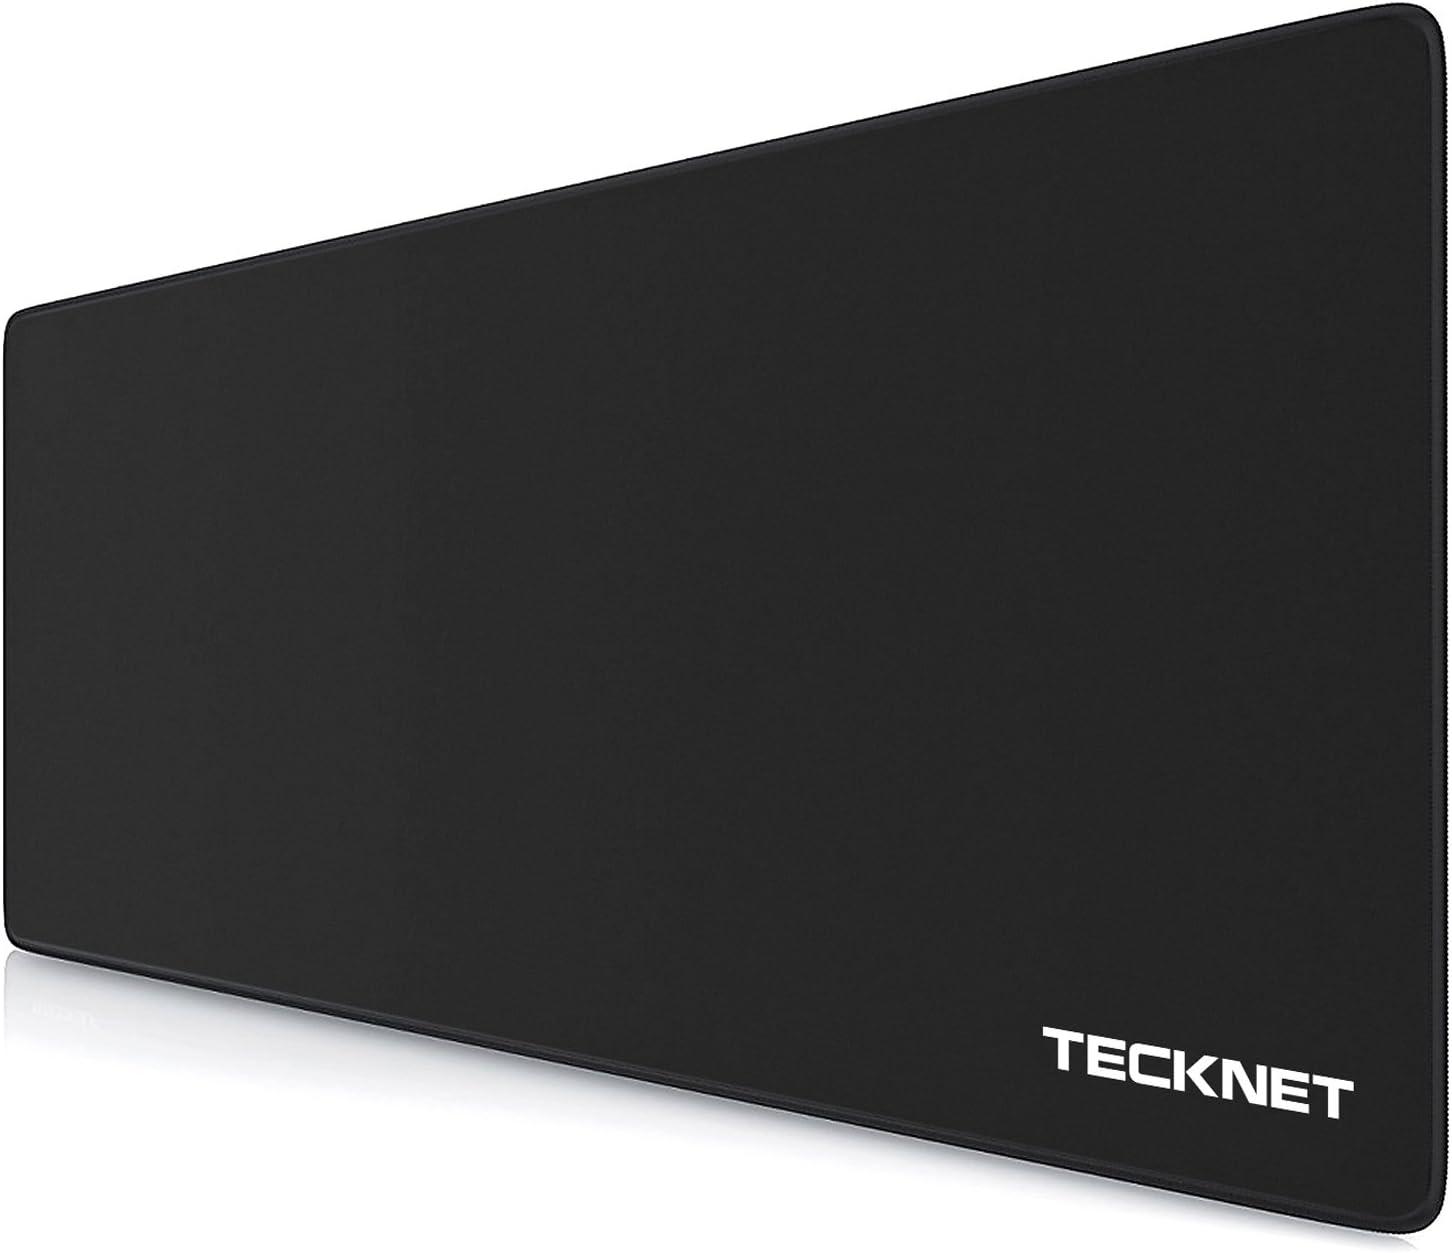 TECKNET XXL Alfombrilla de Ratón - Gaming Mousepad 900x450x4mm, Base de Goma Antideslizante, Superfície con Textura Especial, Compatible con ratón láser y óptico